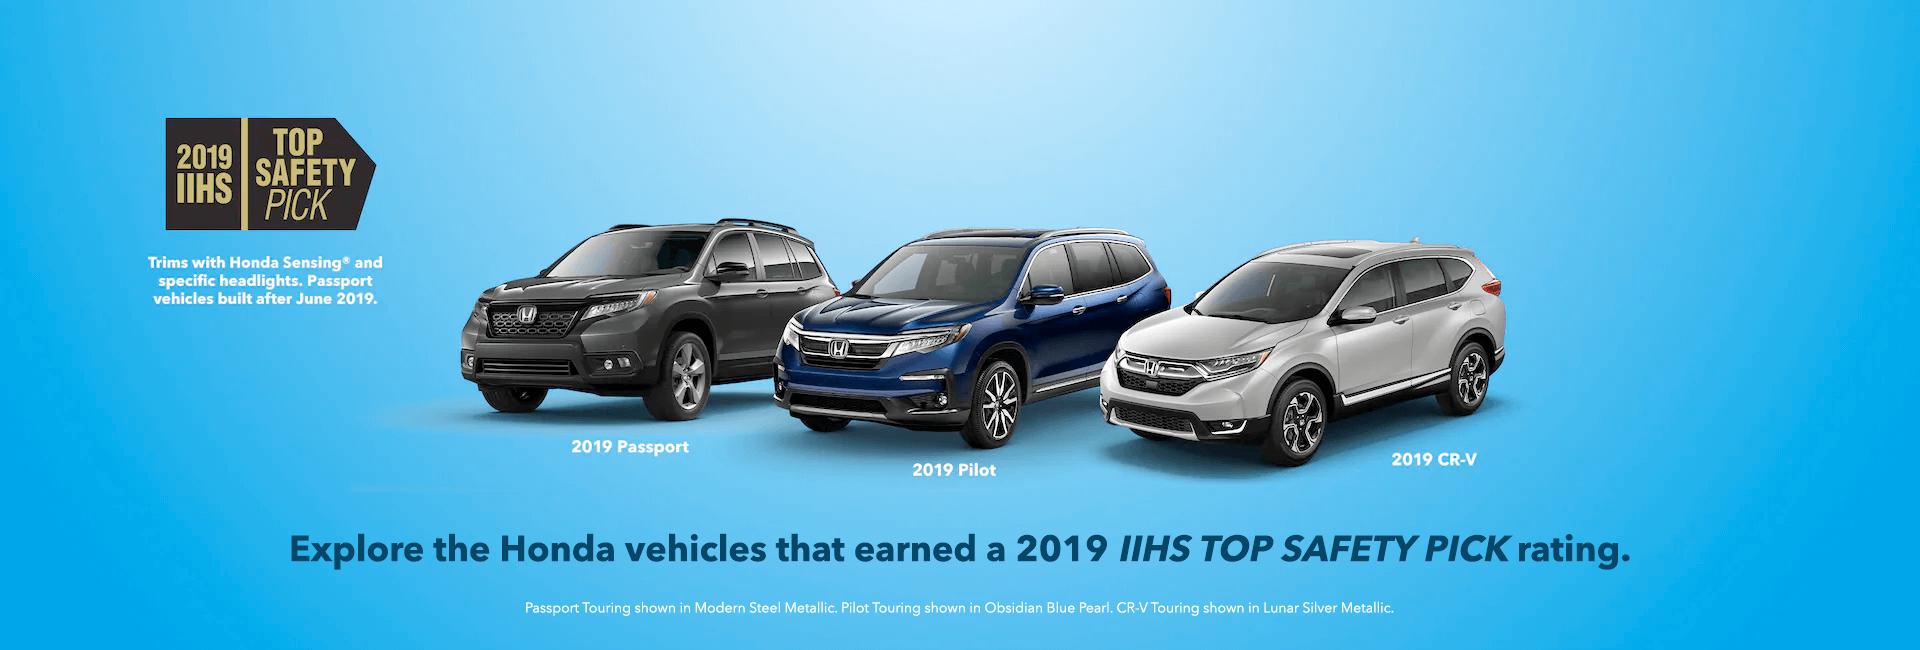 2019 IIHS Top Safety Pick Honda Award Slider